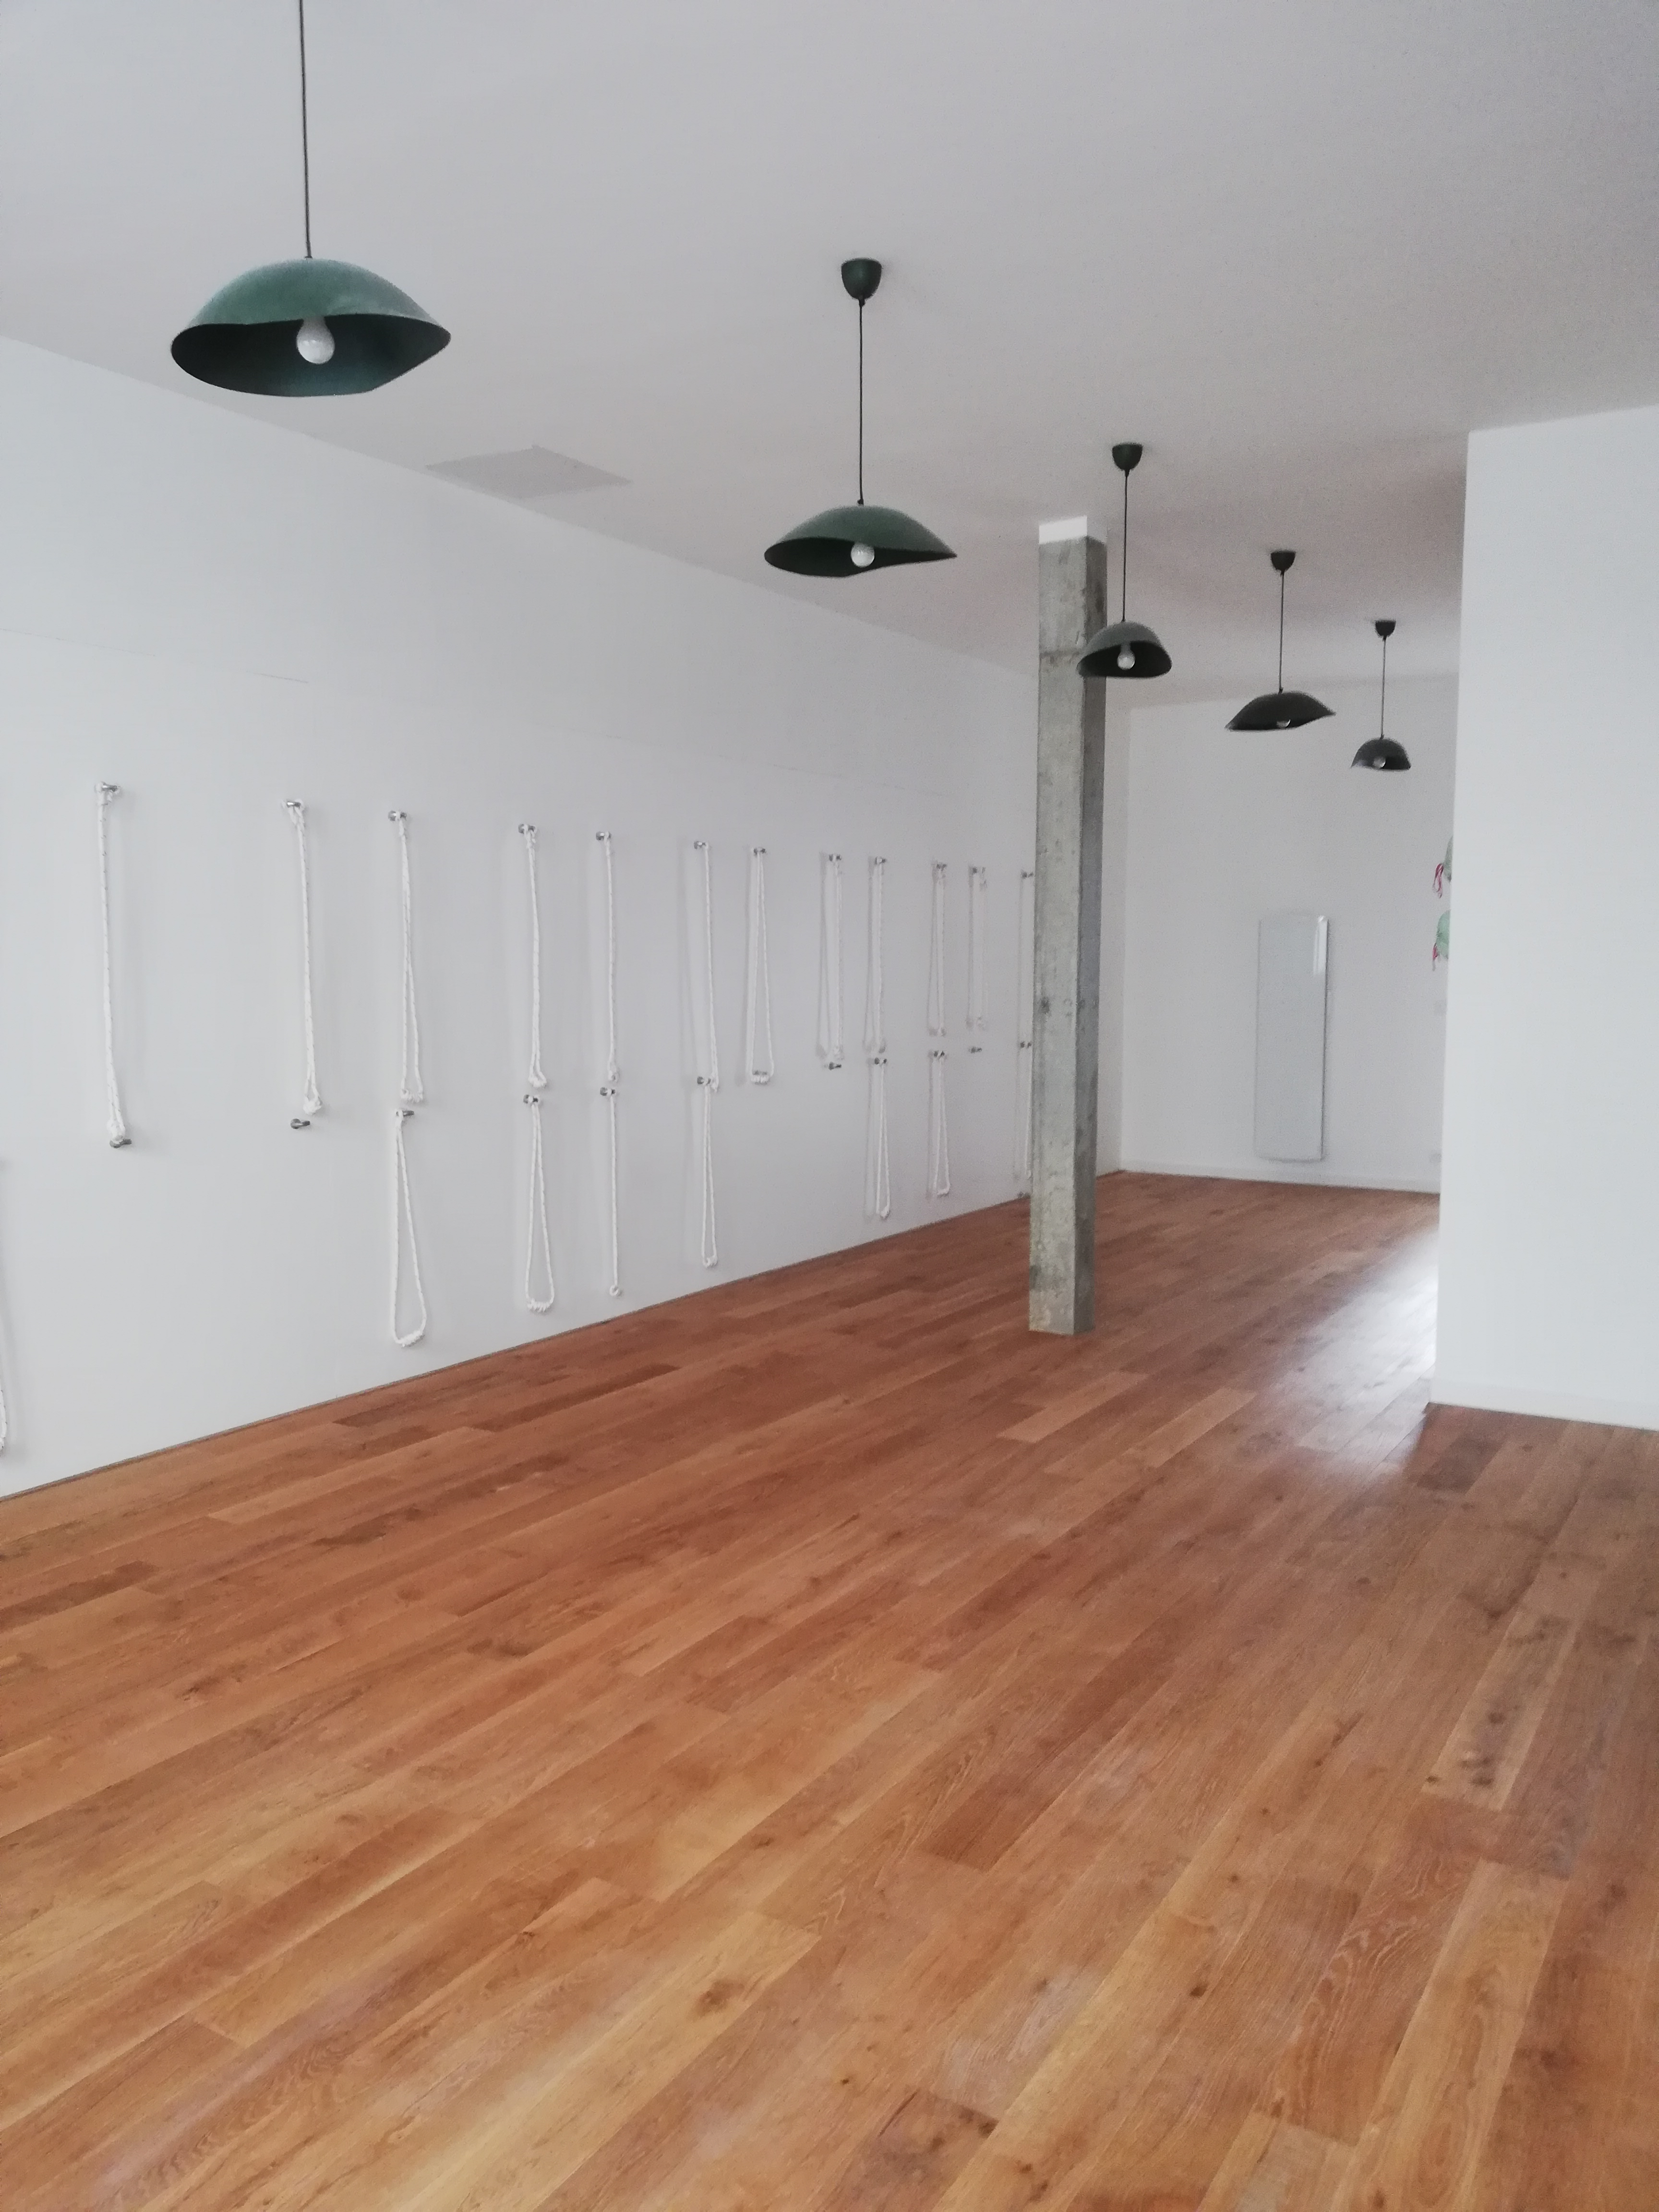 Salle de yoga